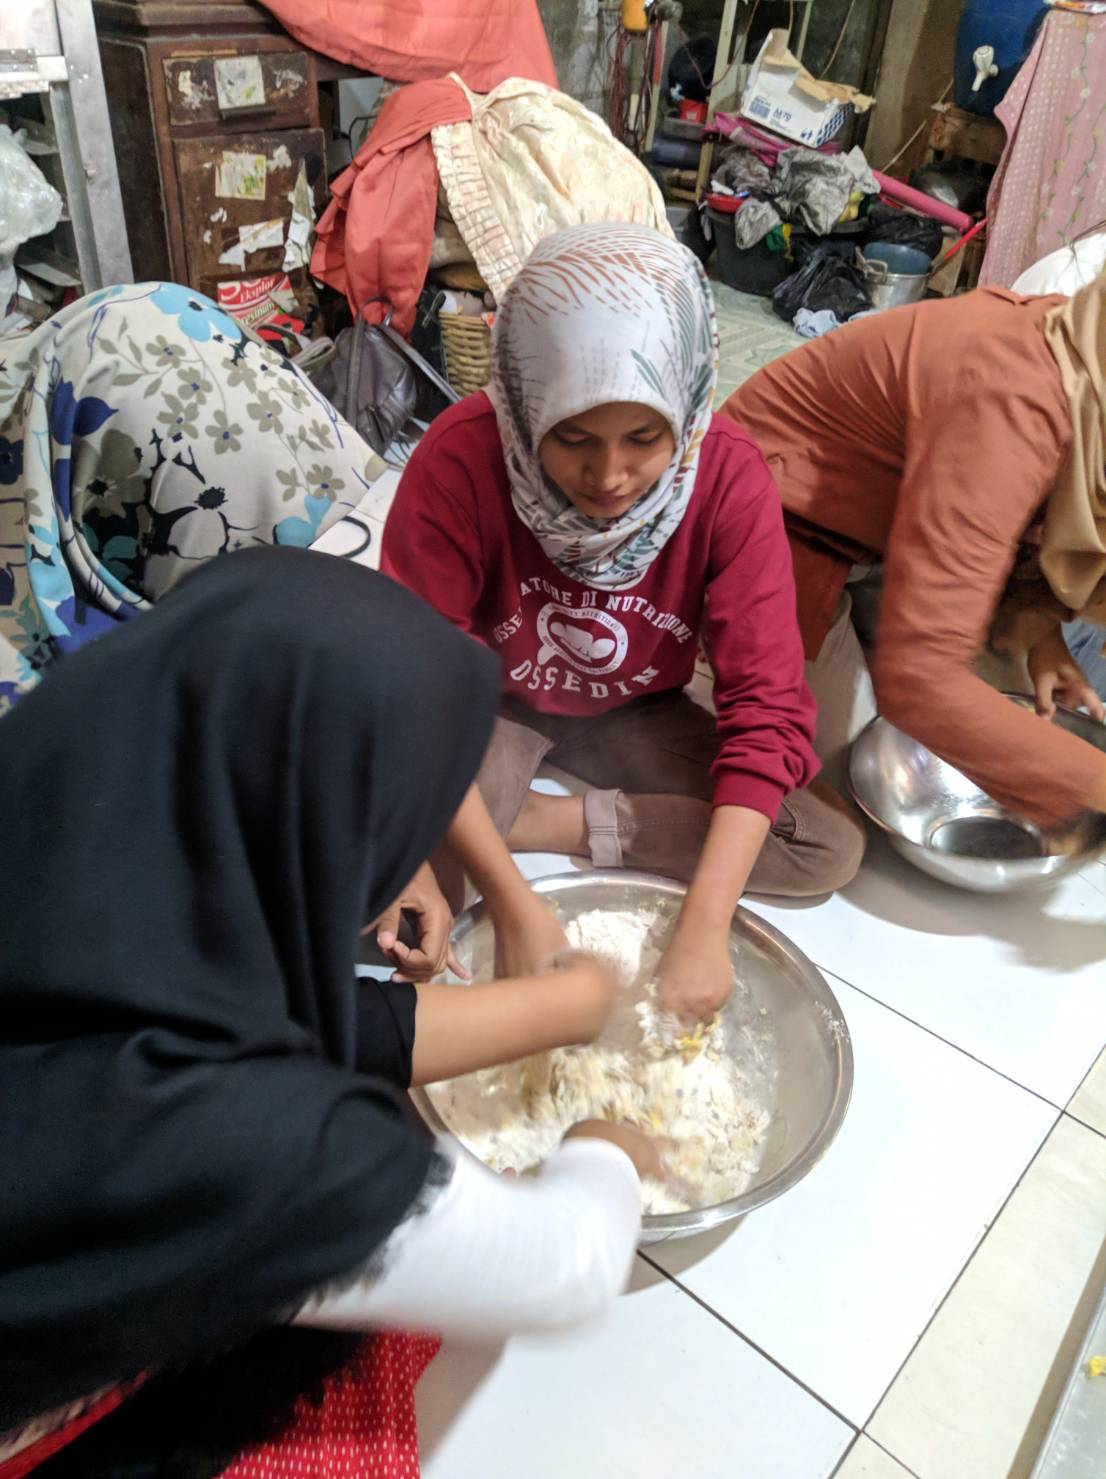 Mengolah tepung mocav bersama remaja desa